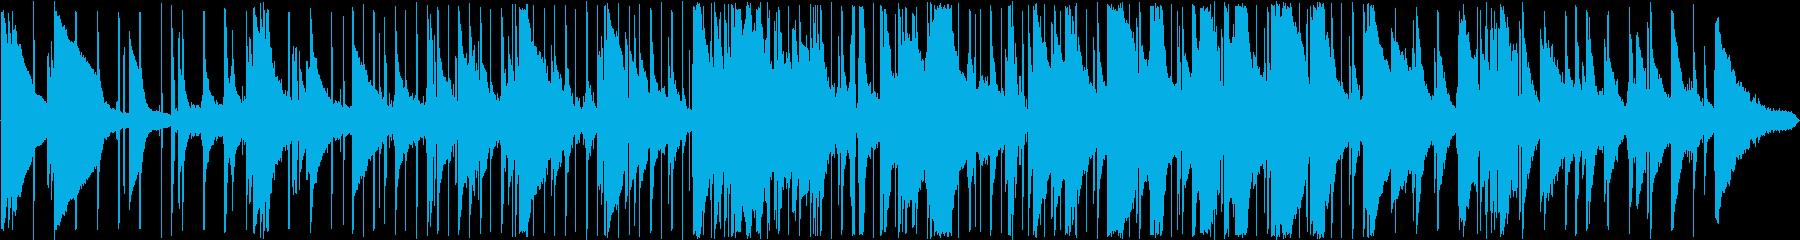 滑らか ジャズ ブルース 感情的 ...の再生済みの波形